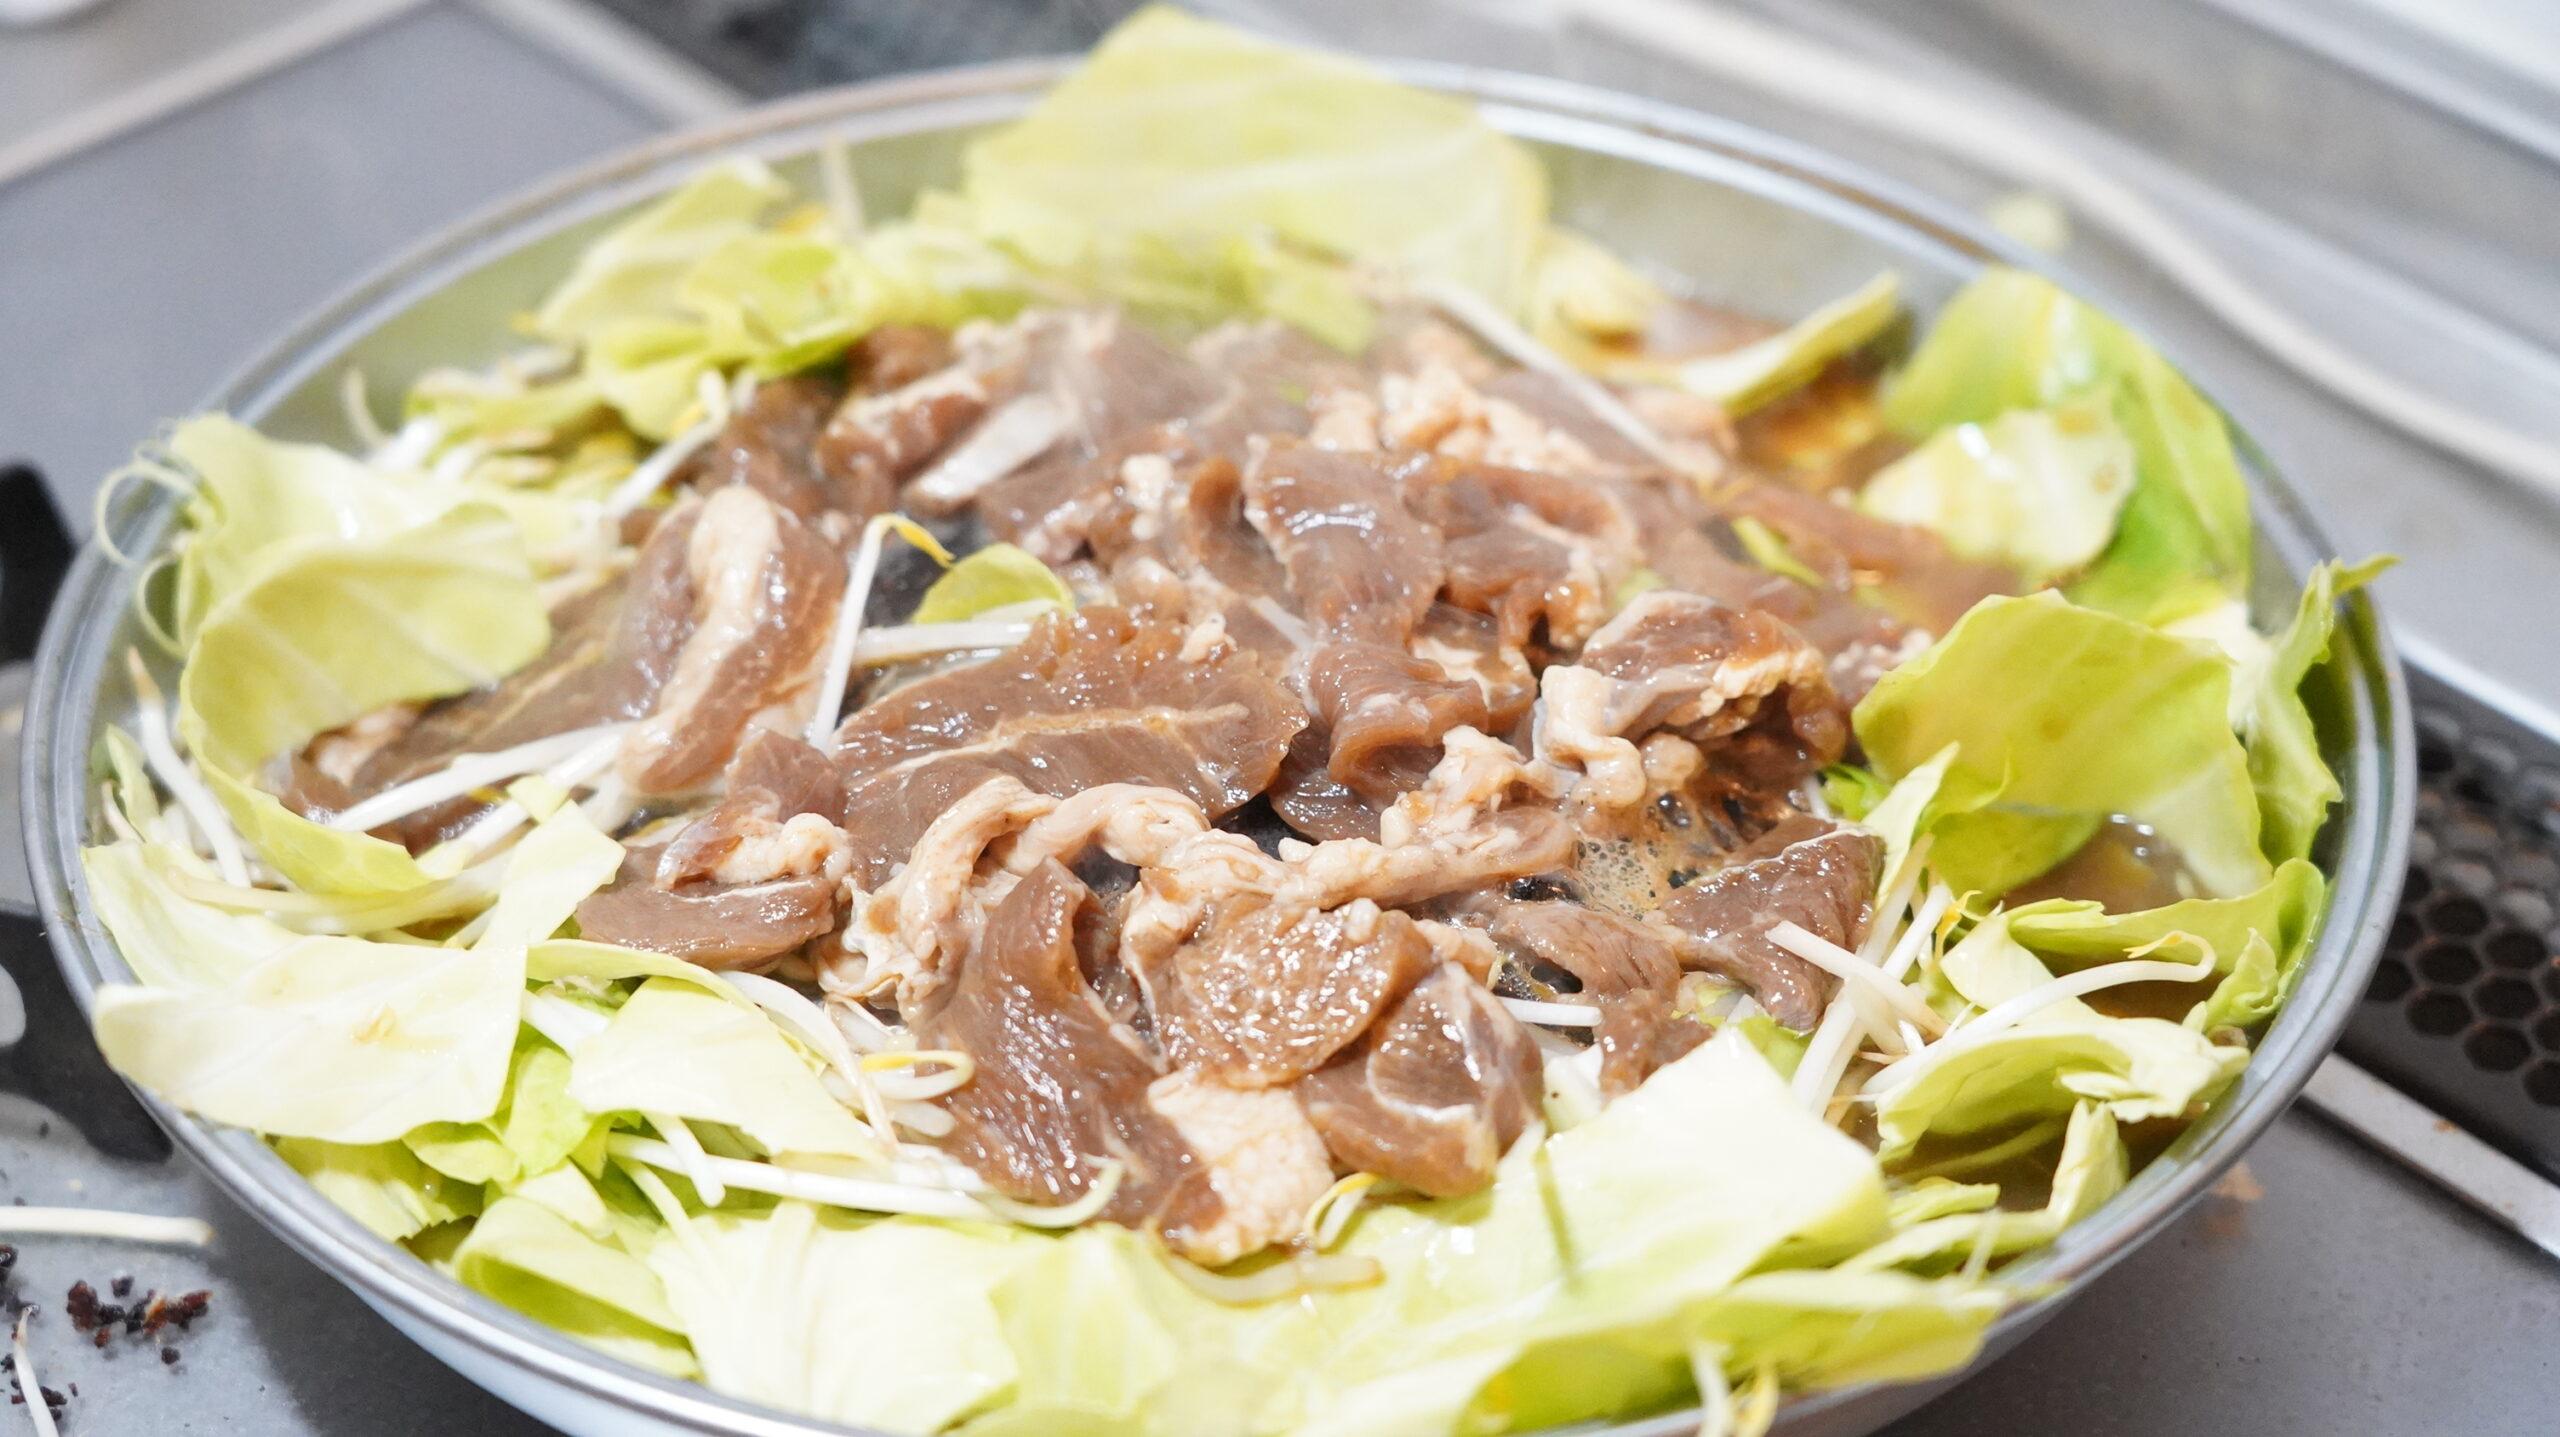 松尾ジンギスカンを通販でお取り寄せした冷凍マトン肉を野菜と一緒に焼いている写真